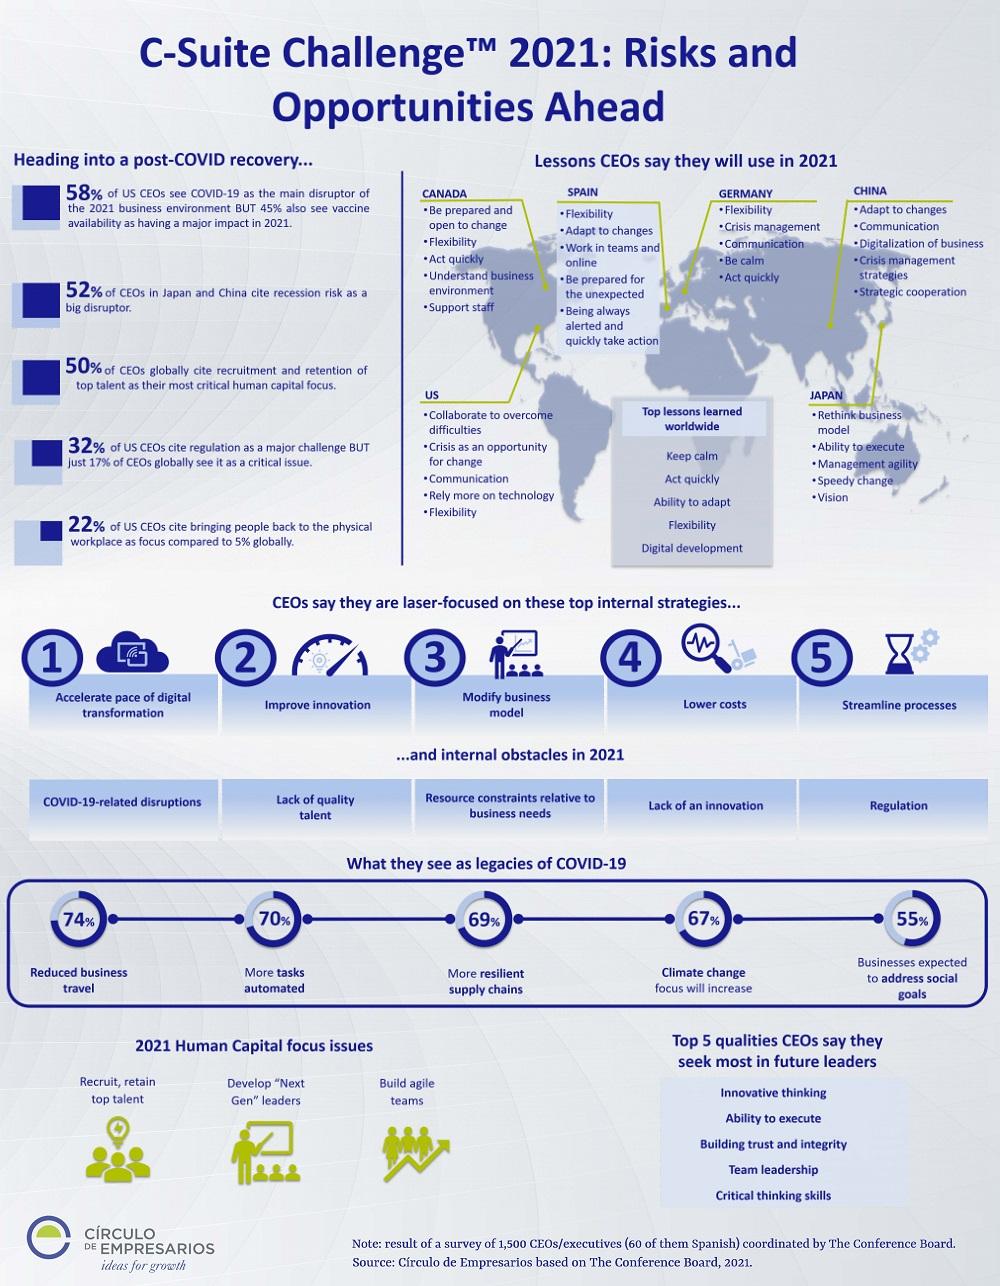 C-Suite-Challenge-2021-Risks-and.-Opportunities-Ahead-February-2021-Circulo-de-Empresarios